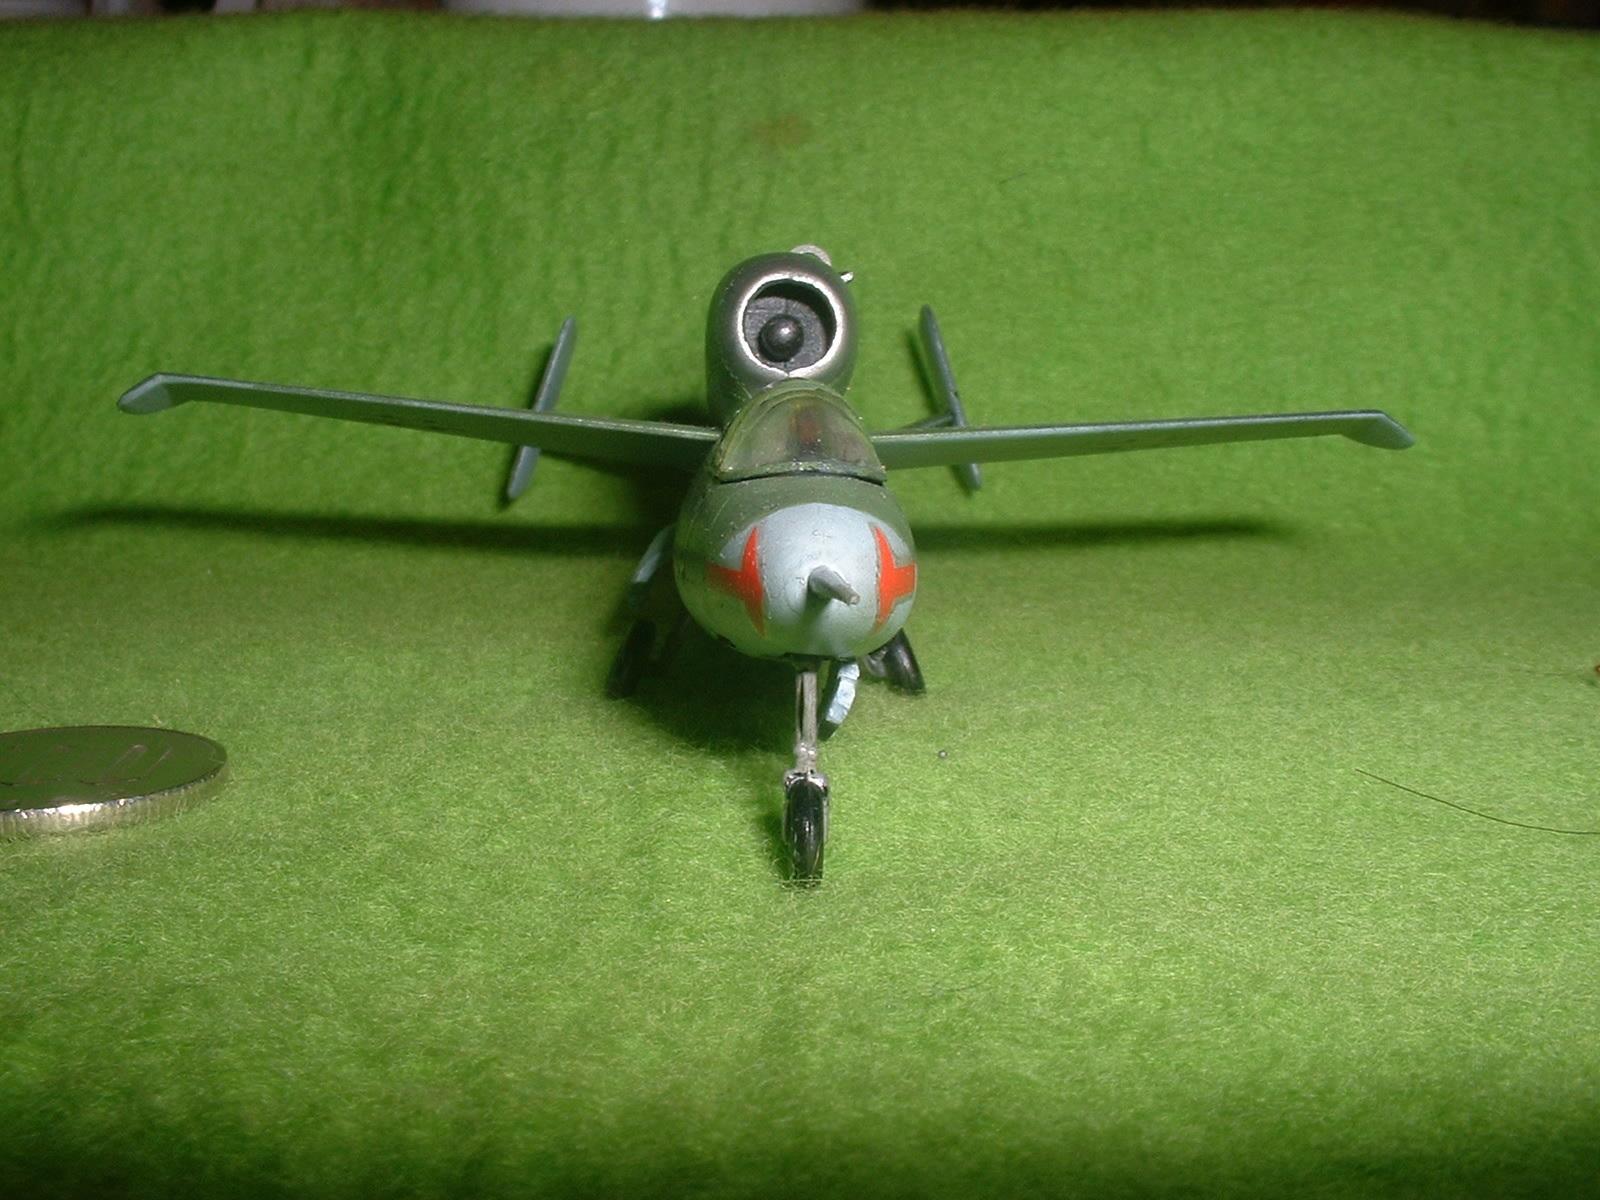 2016年08 月11日完成 リンドバーク72分の1「ハインケル He162 」その6.JPG